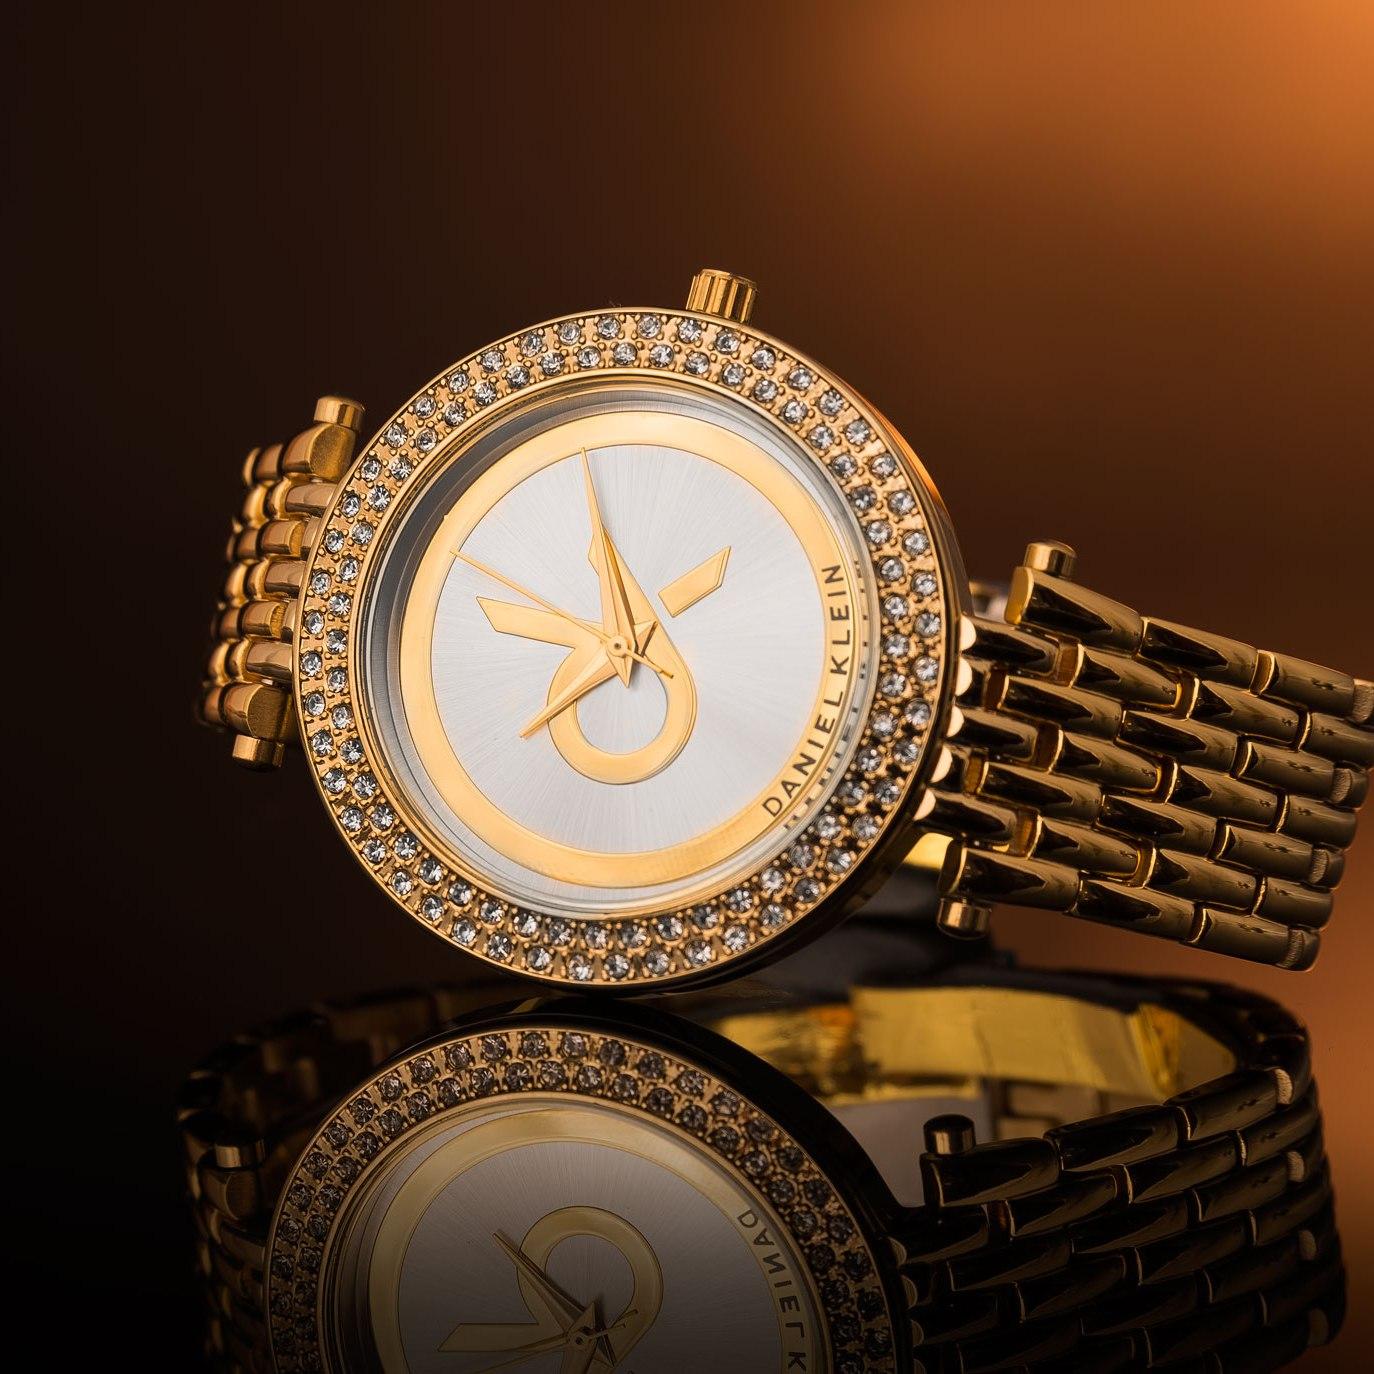 Daniel Klein Gold watch in orange light